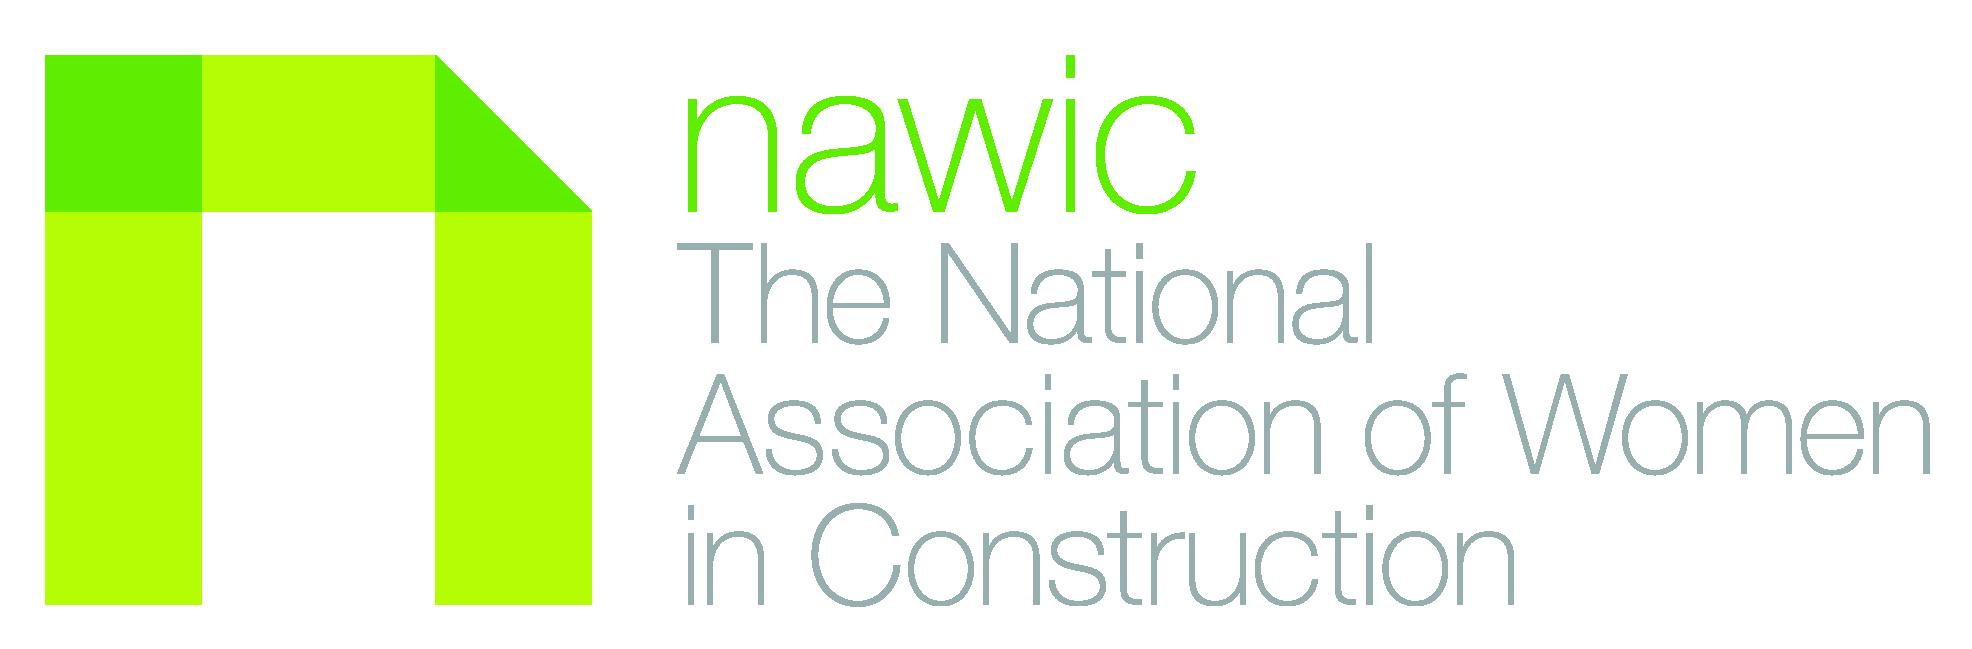 nawic_3col_pms_green_highres-01.jpg